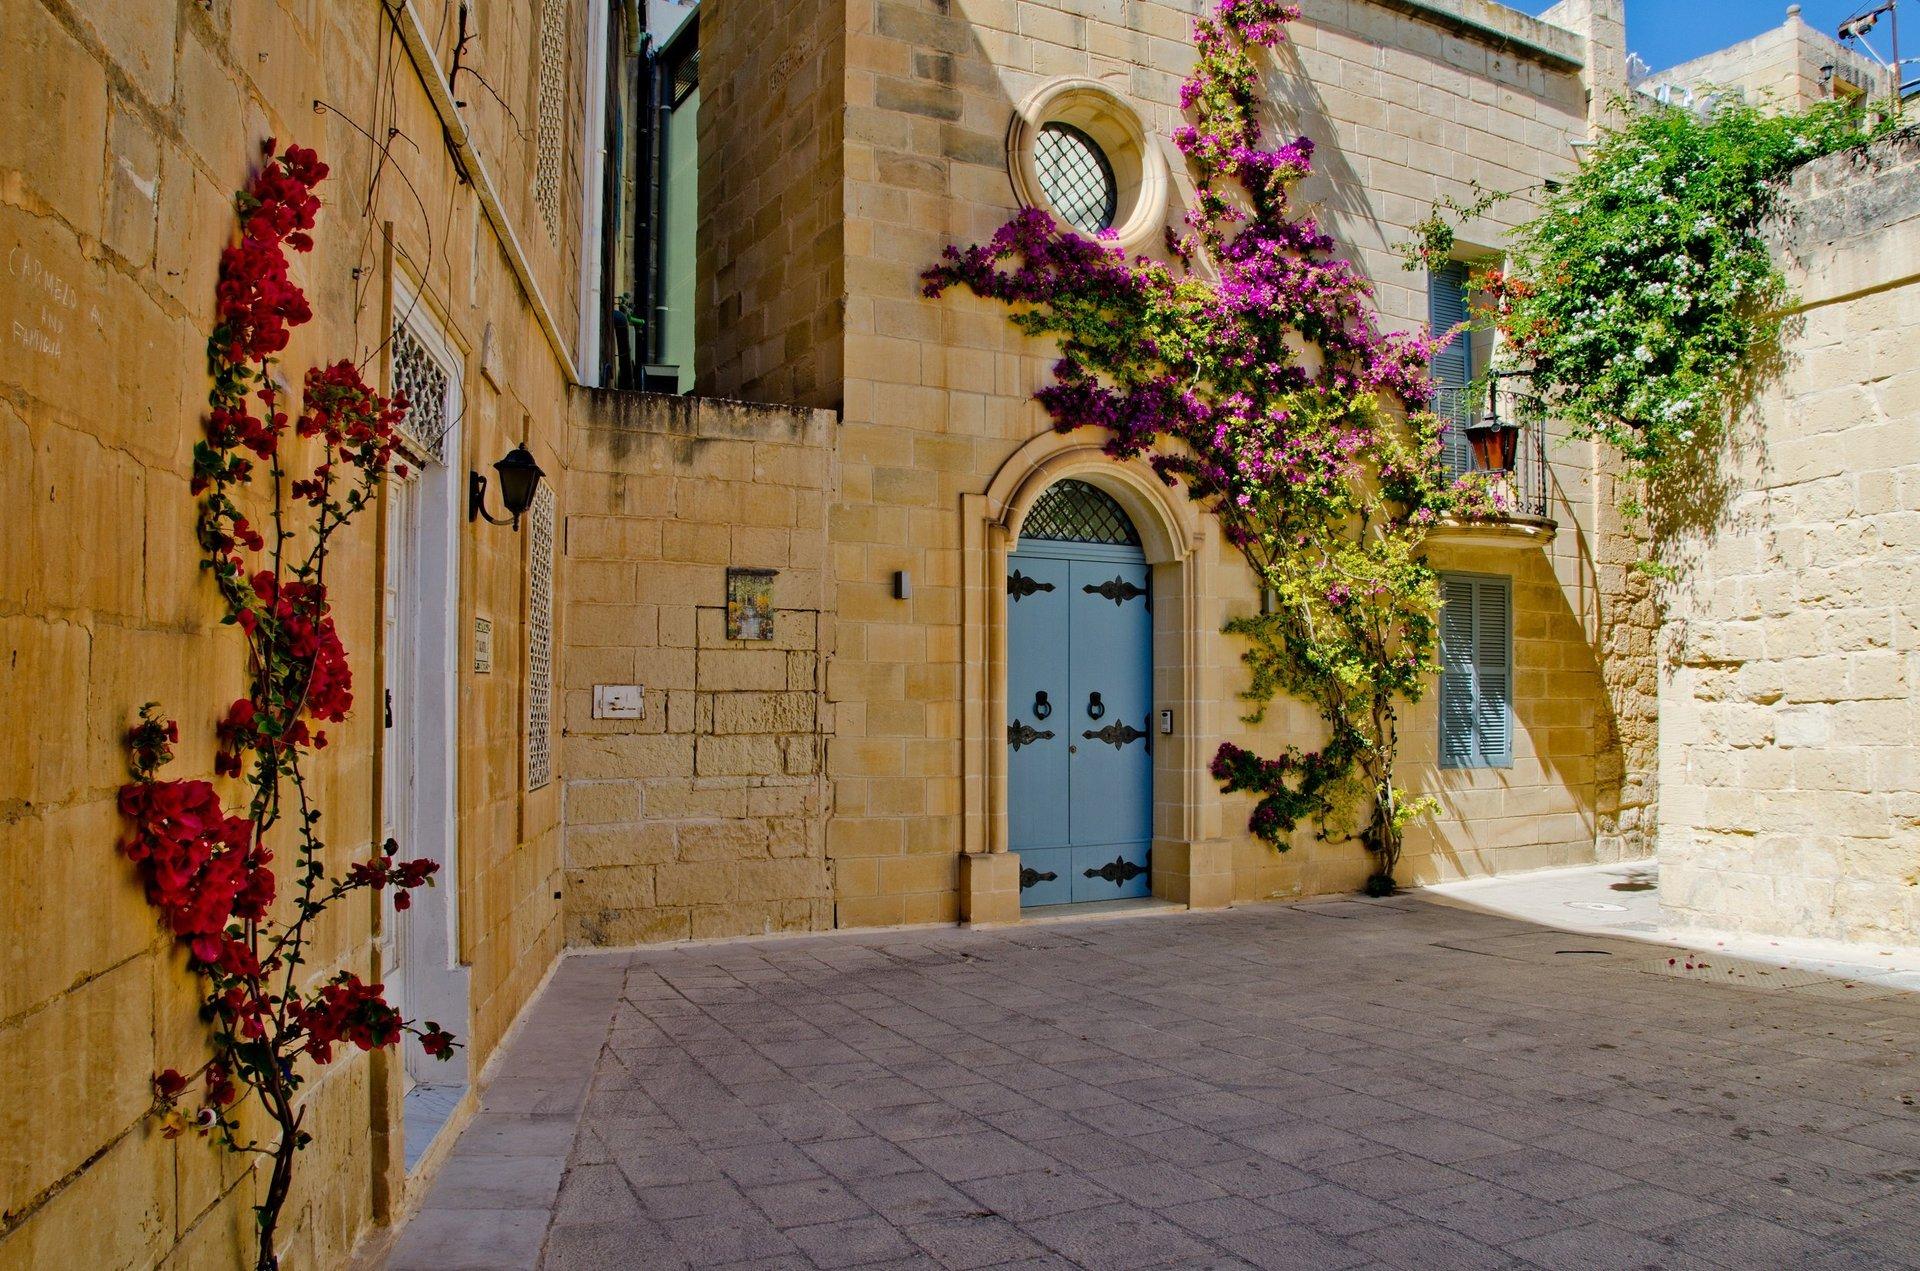 Straat in Mdina - Malta